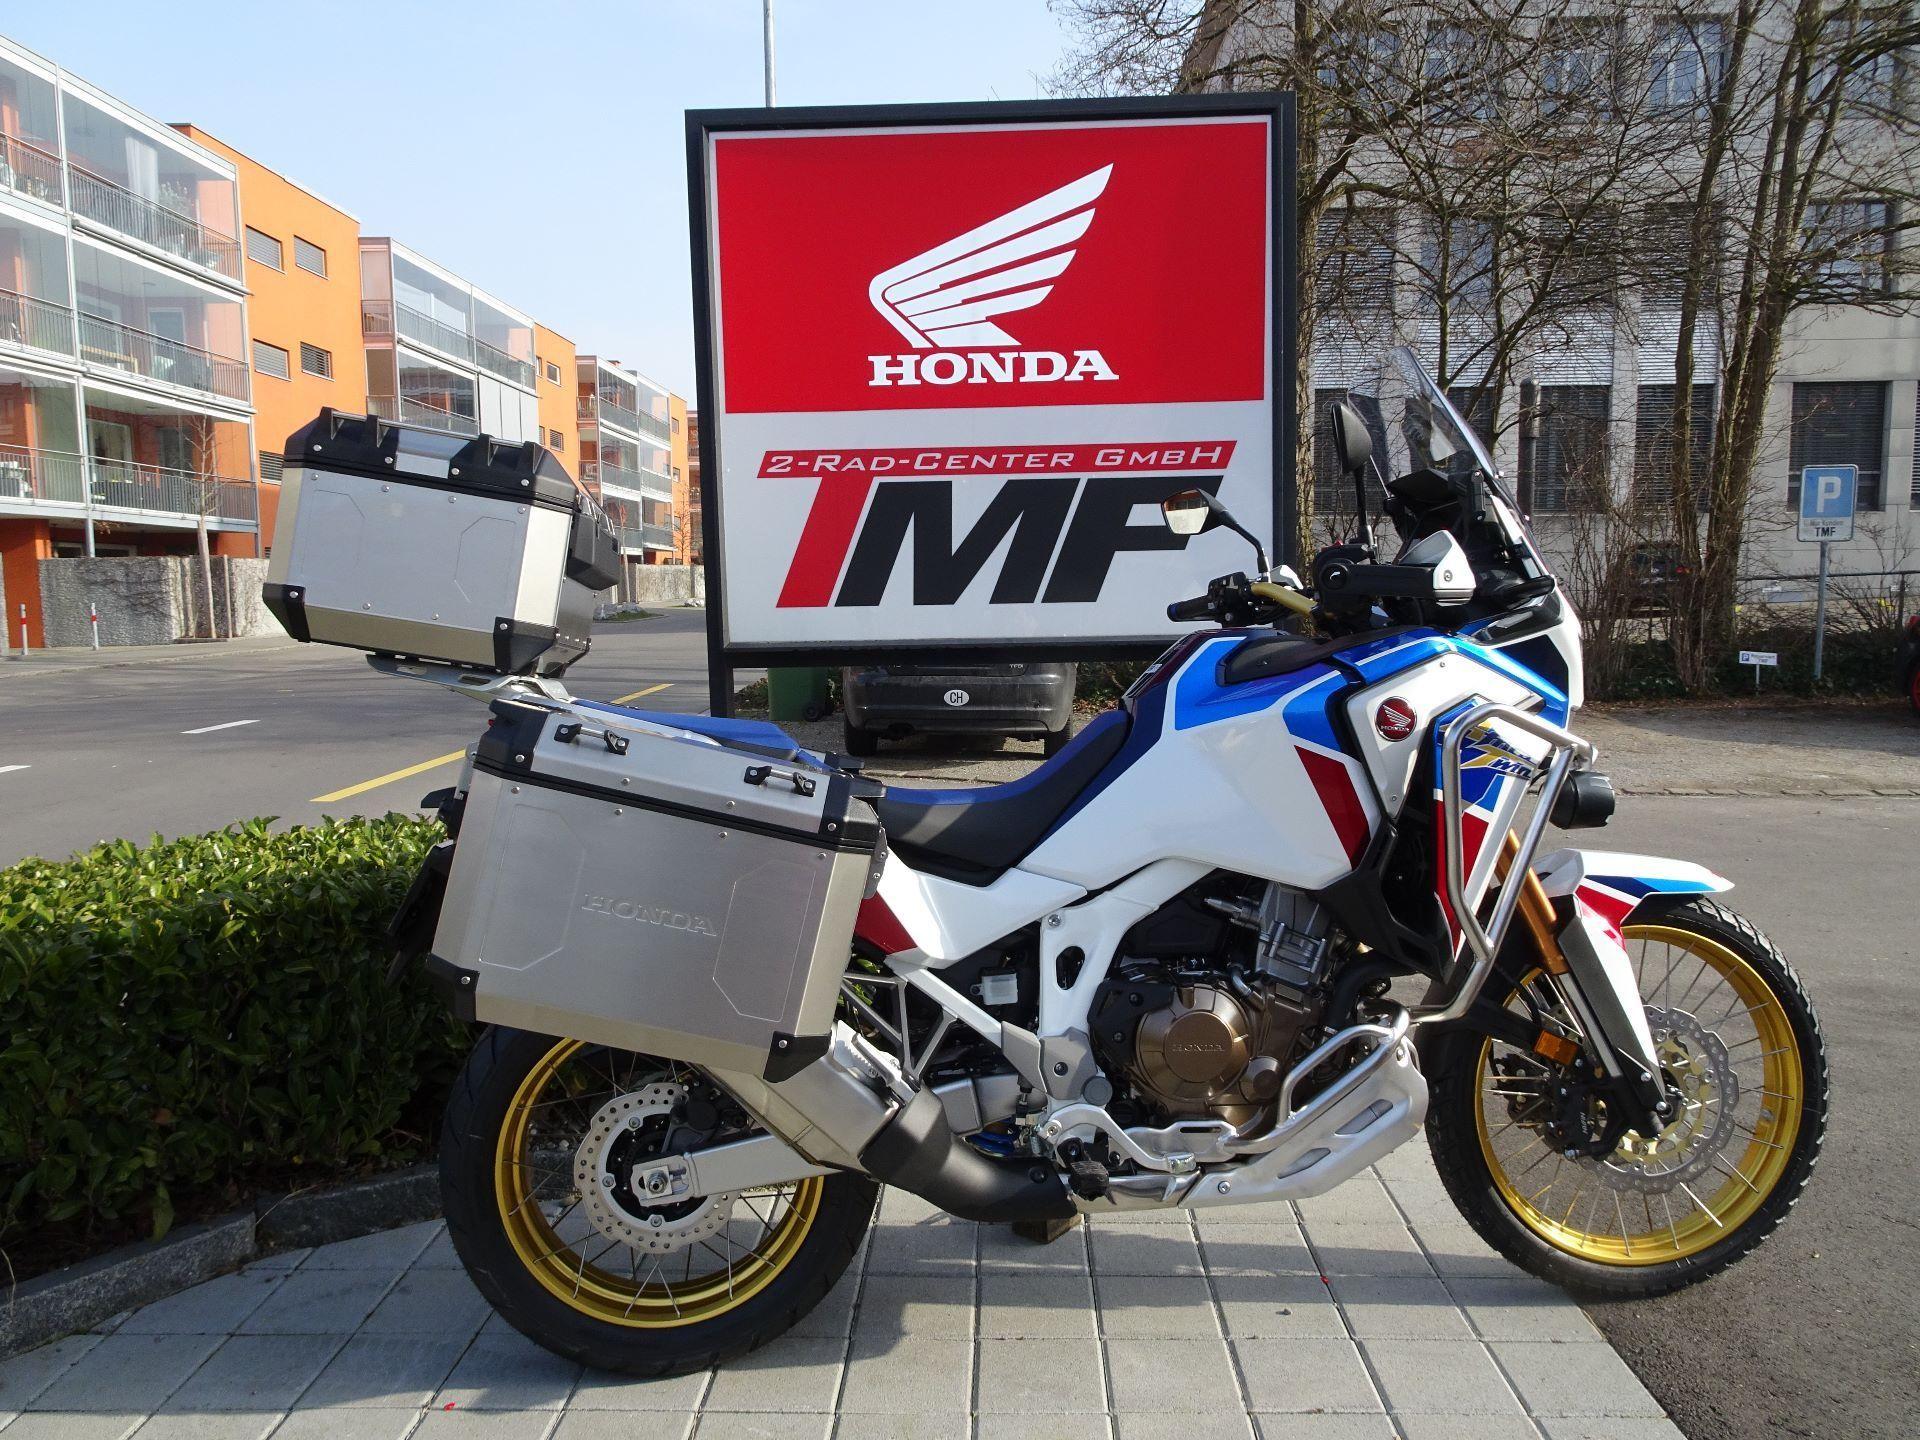 Motorrad Mieten & Roller Mieten HONDA CRF 1100 L A4 Africa Twin Adventure Sports